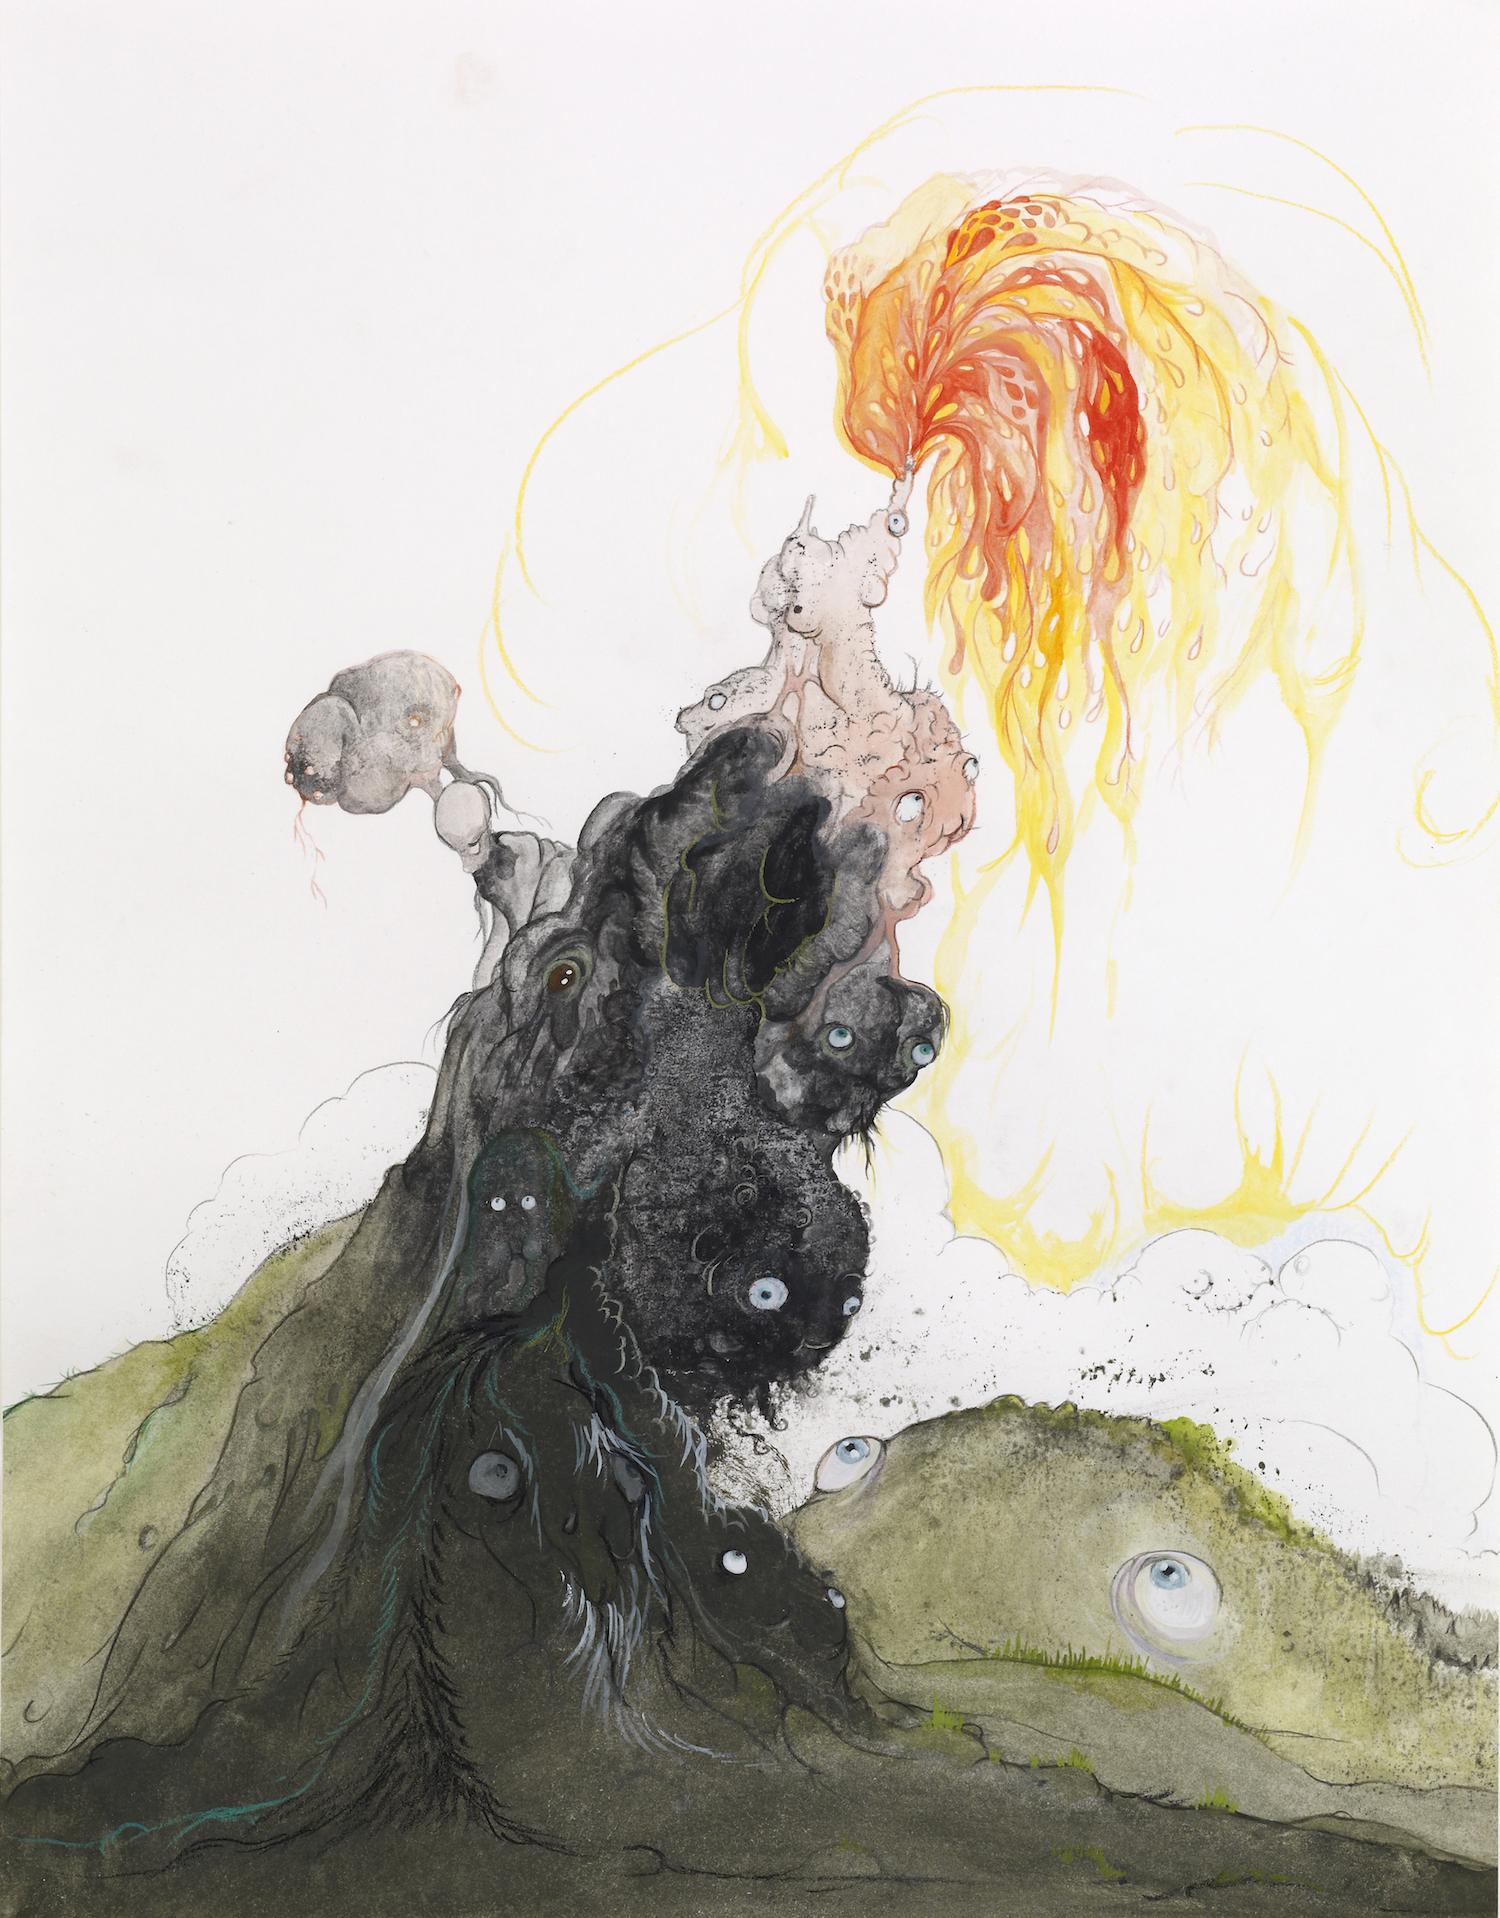 Vidya Gastaldon, Fontaine d'Esprits, 2008. Watercolor, acrylic, gouache, coloured pencil on paper, 37 x 29 cm. Courtesy the artist and Art: Concept, Paris. Photo by Fabrice Gousset